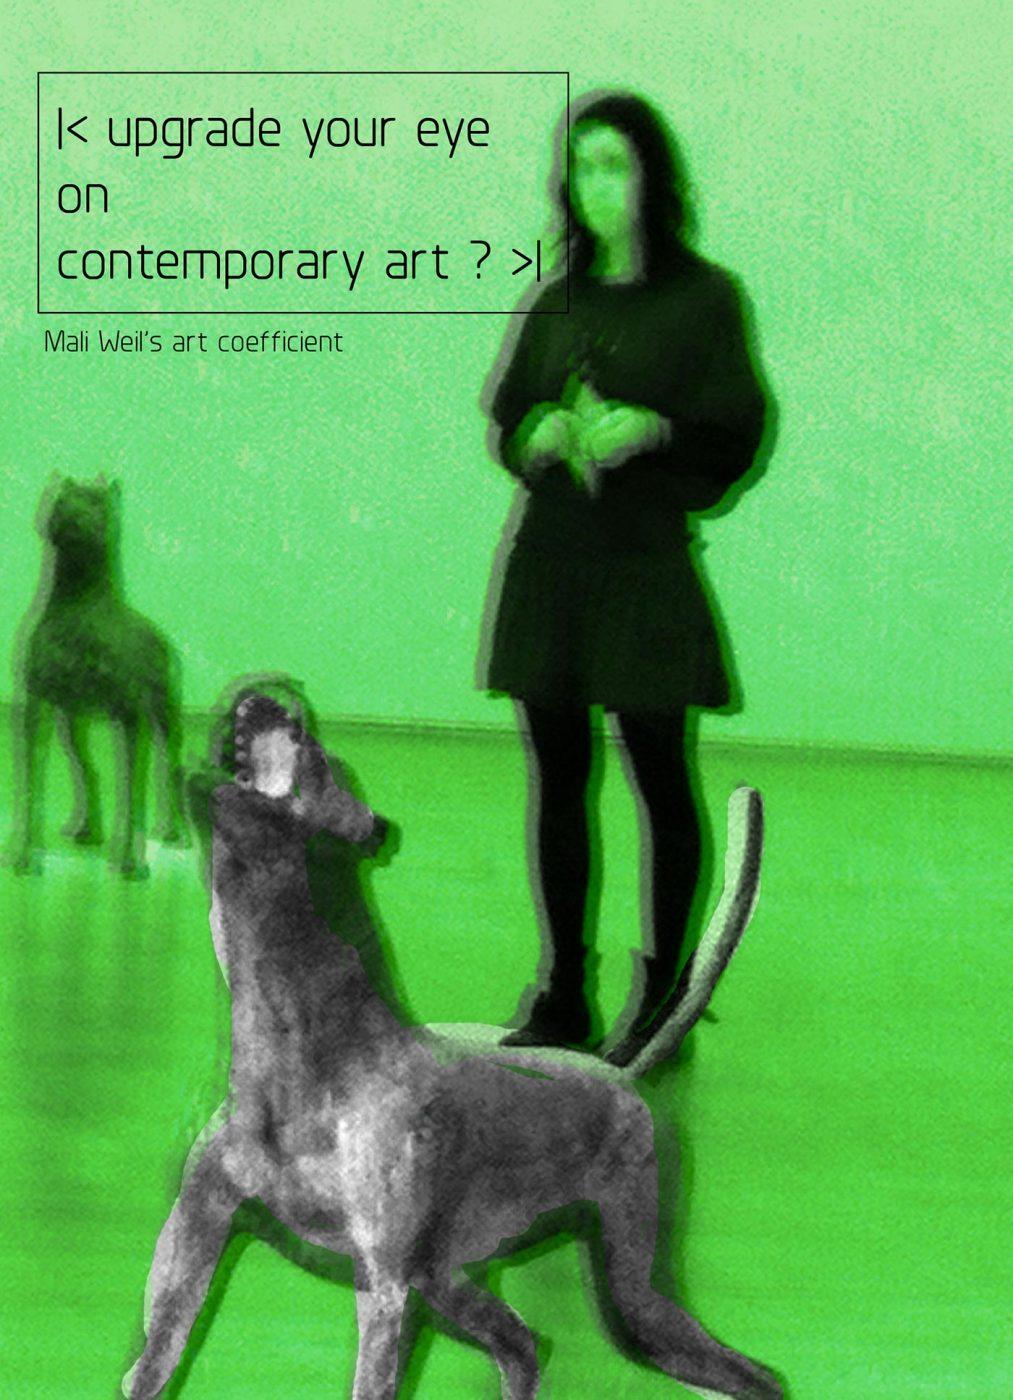 Art Coefficient by Mali Weil: upgrade your glaze